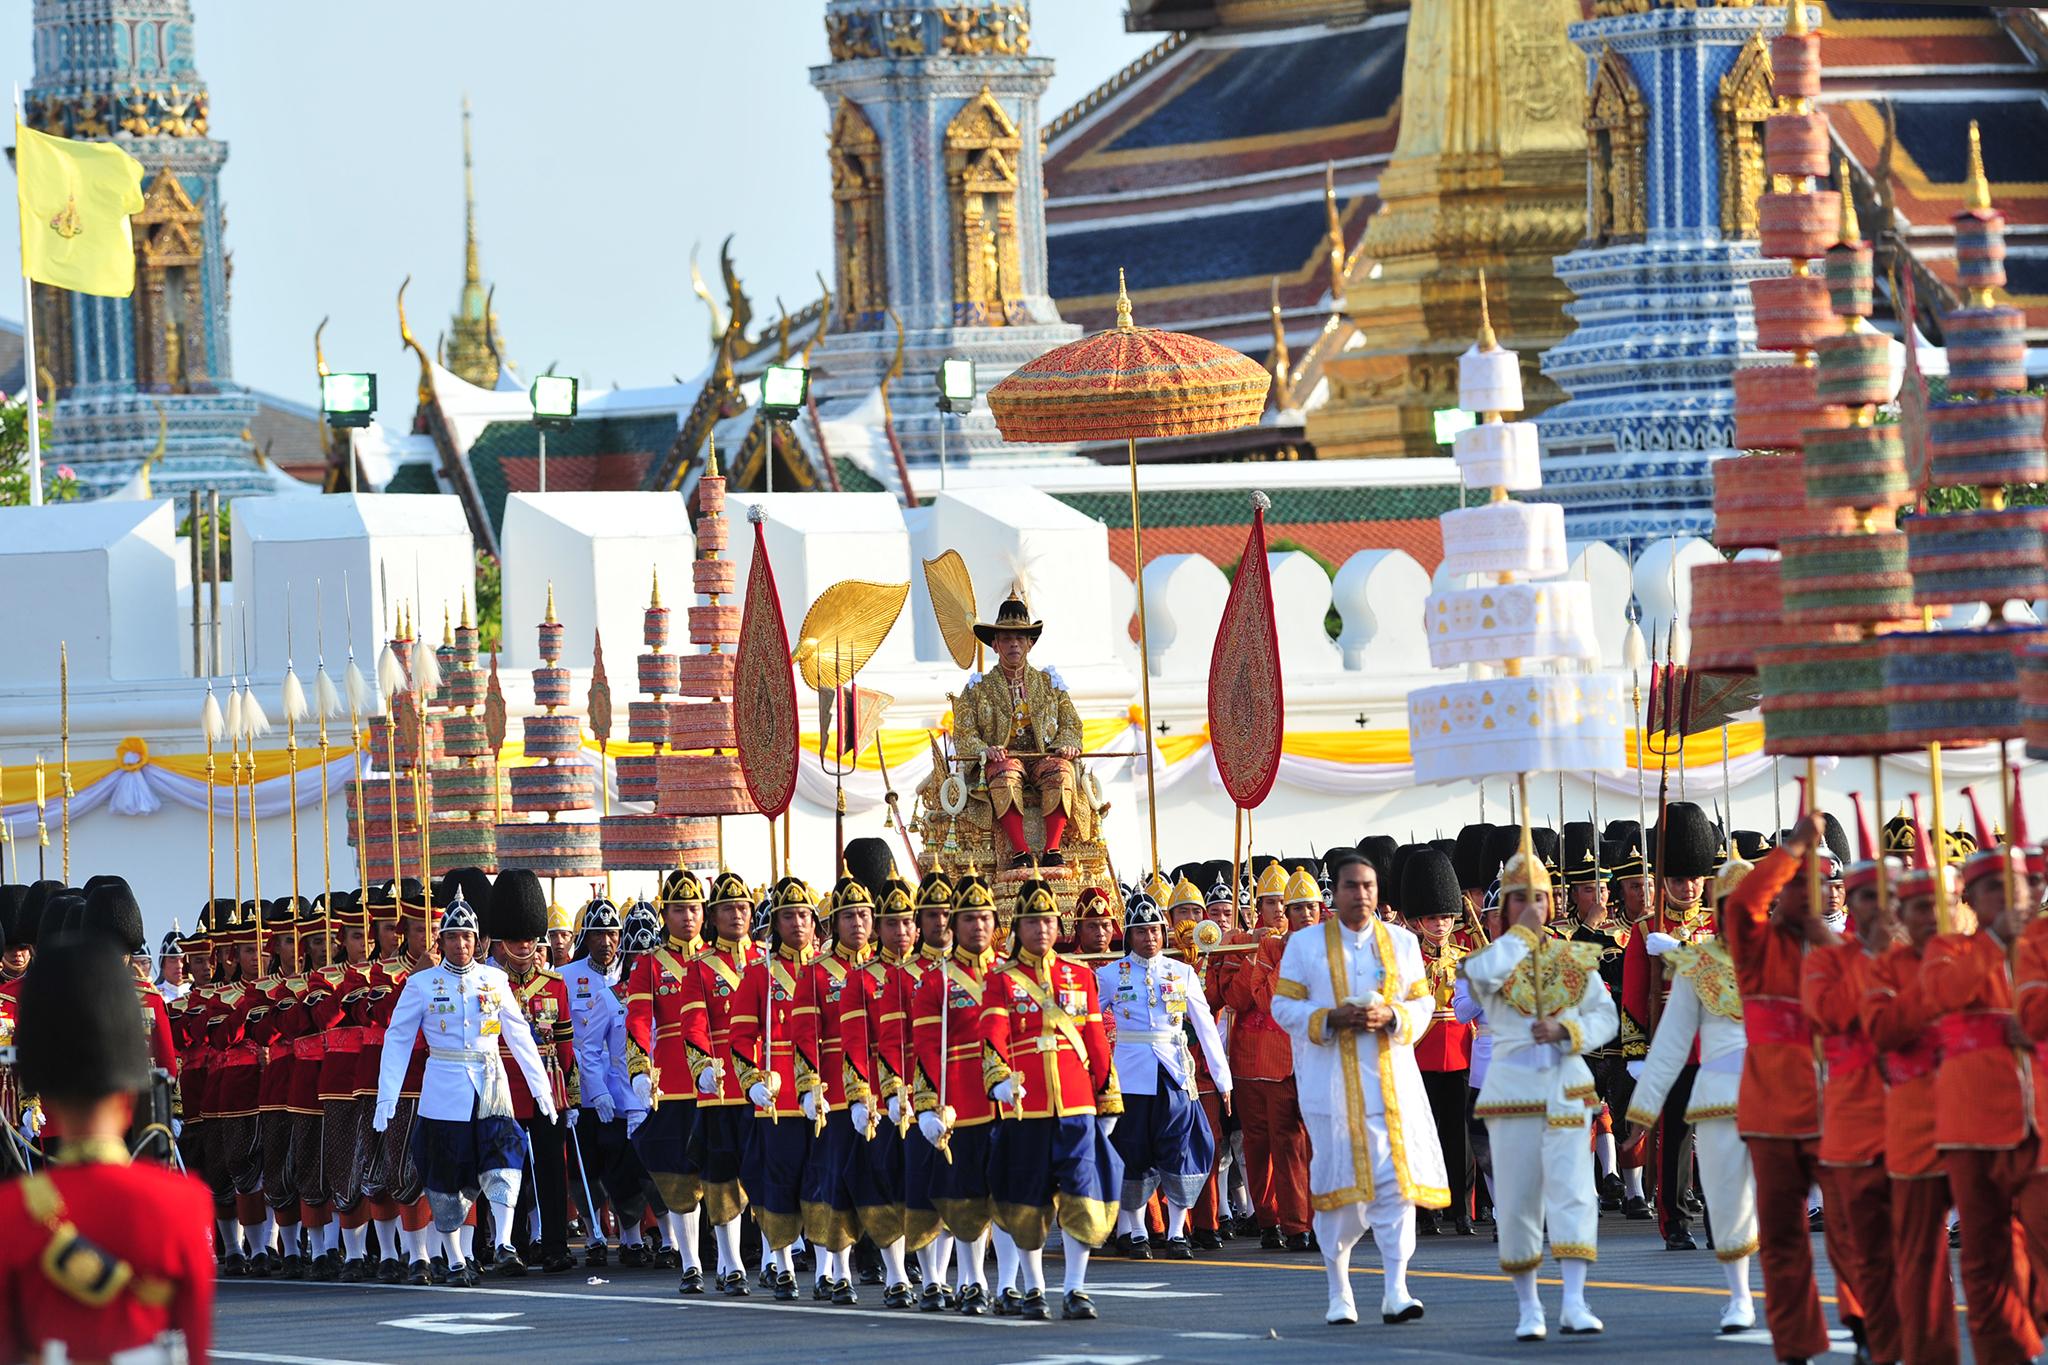 泰国国王加冕典礼巡游在曼谷举行